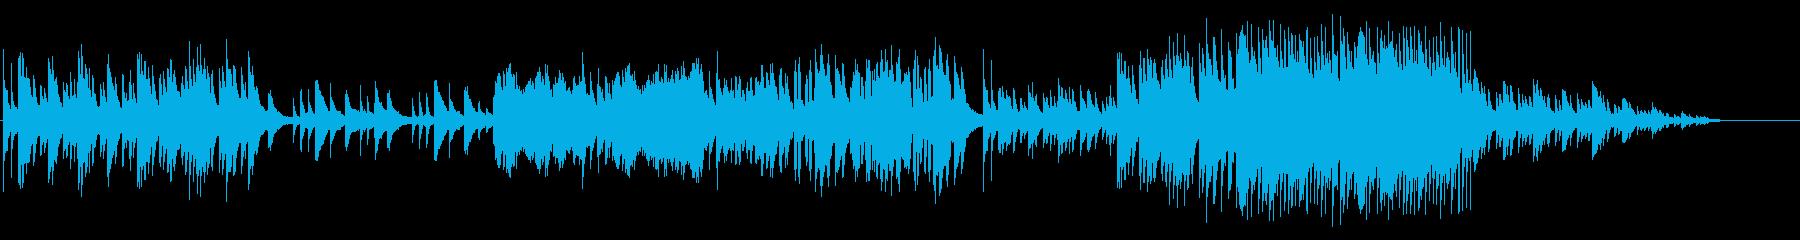 優しい雰囲気なピアノソロの再生済みの波形